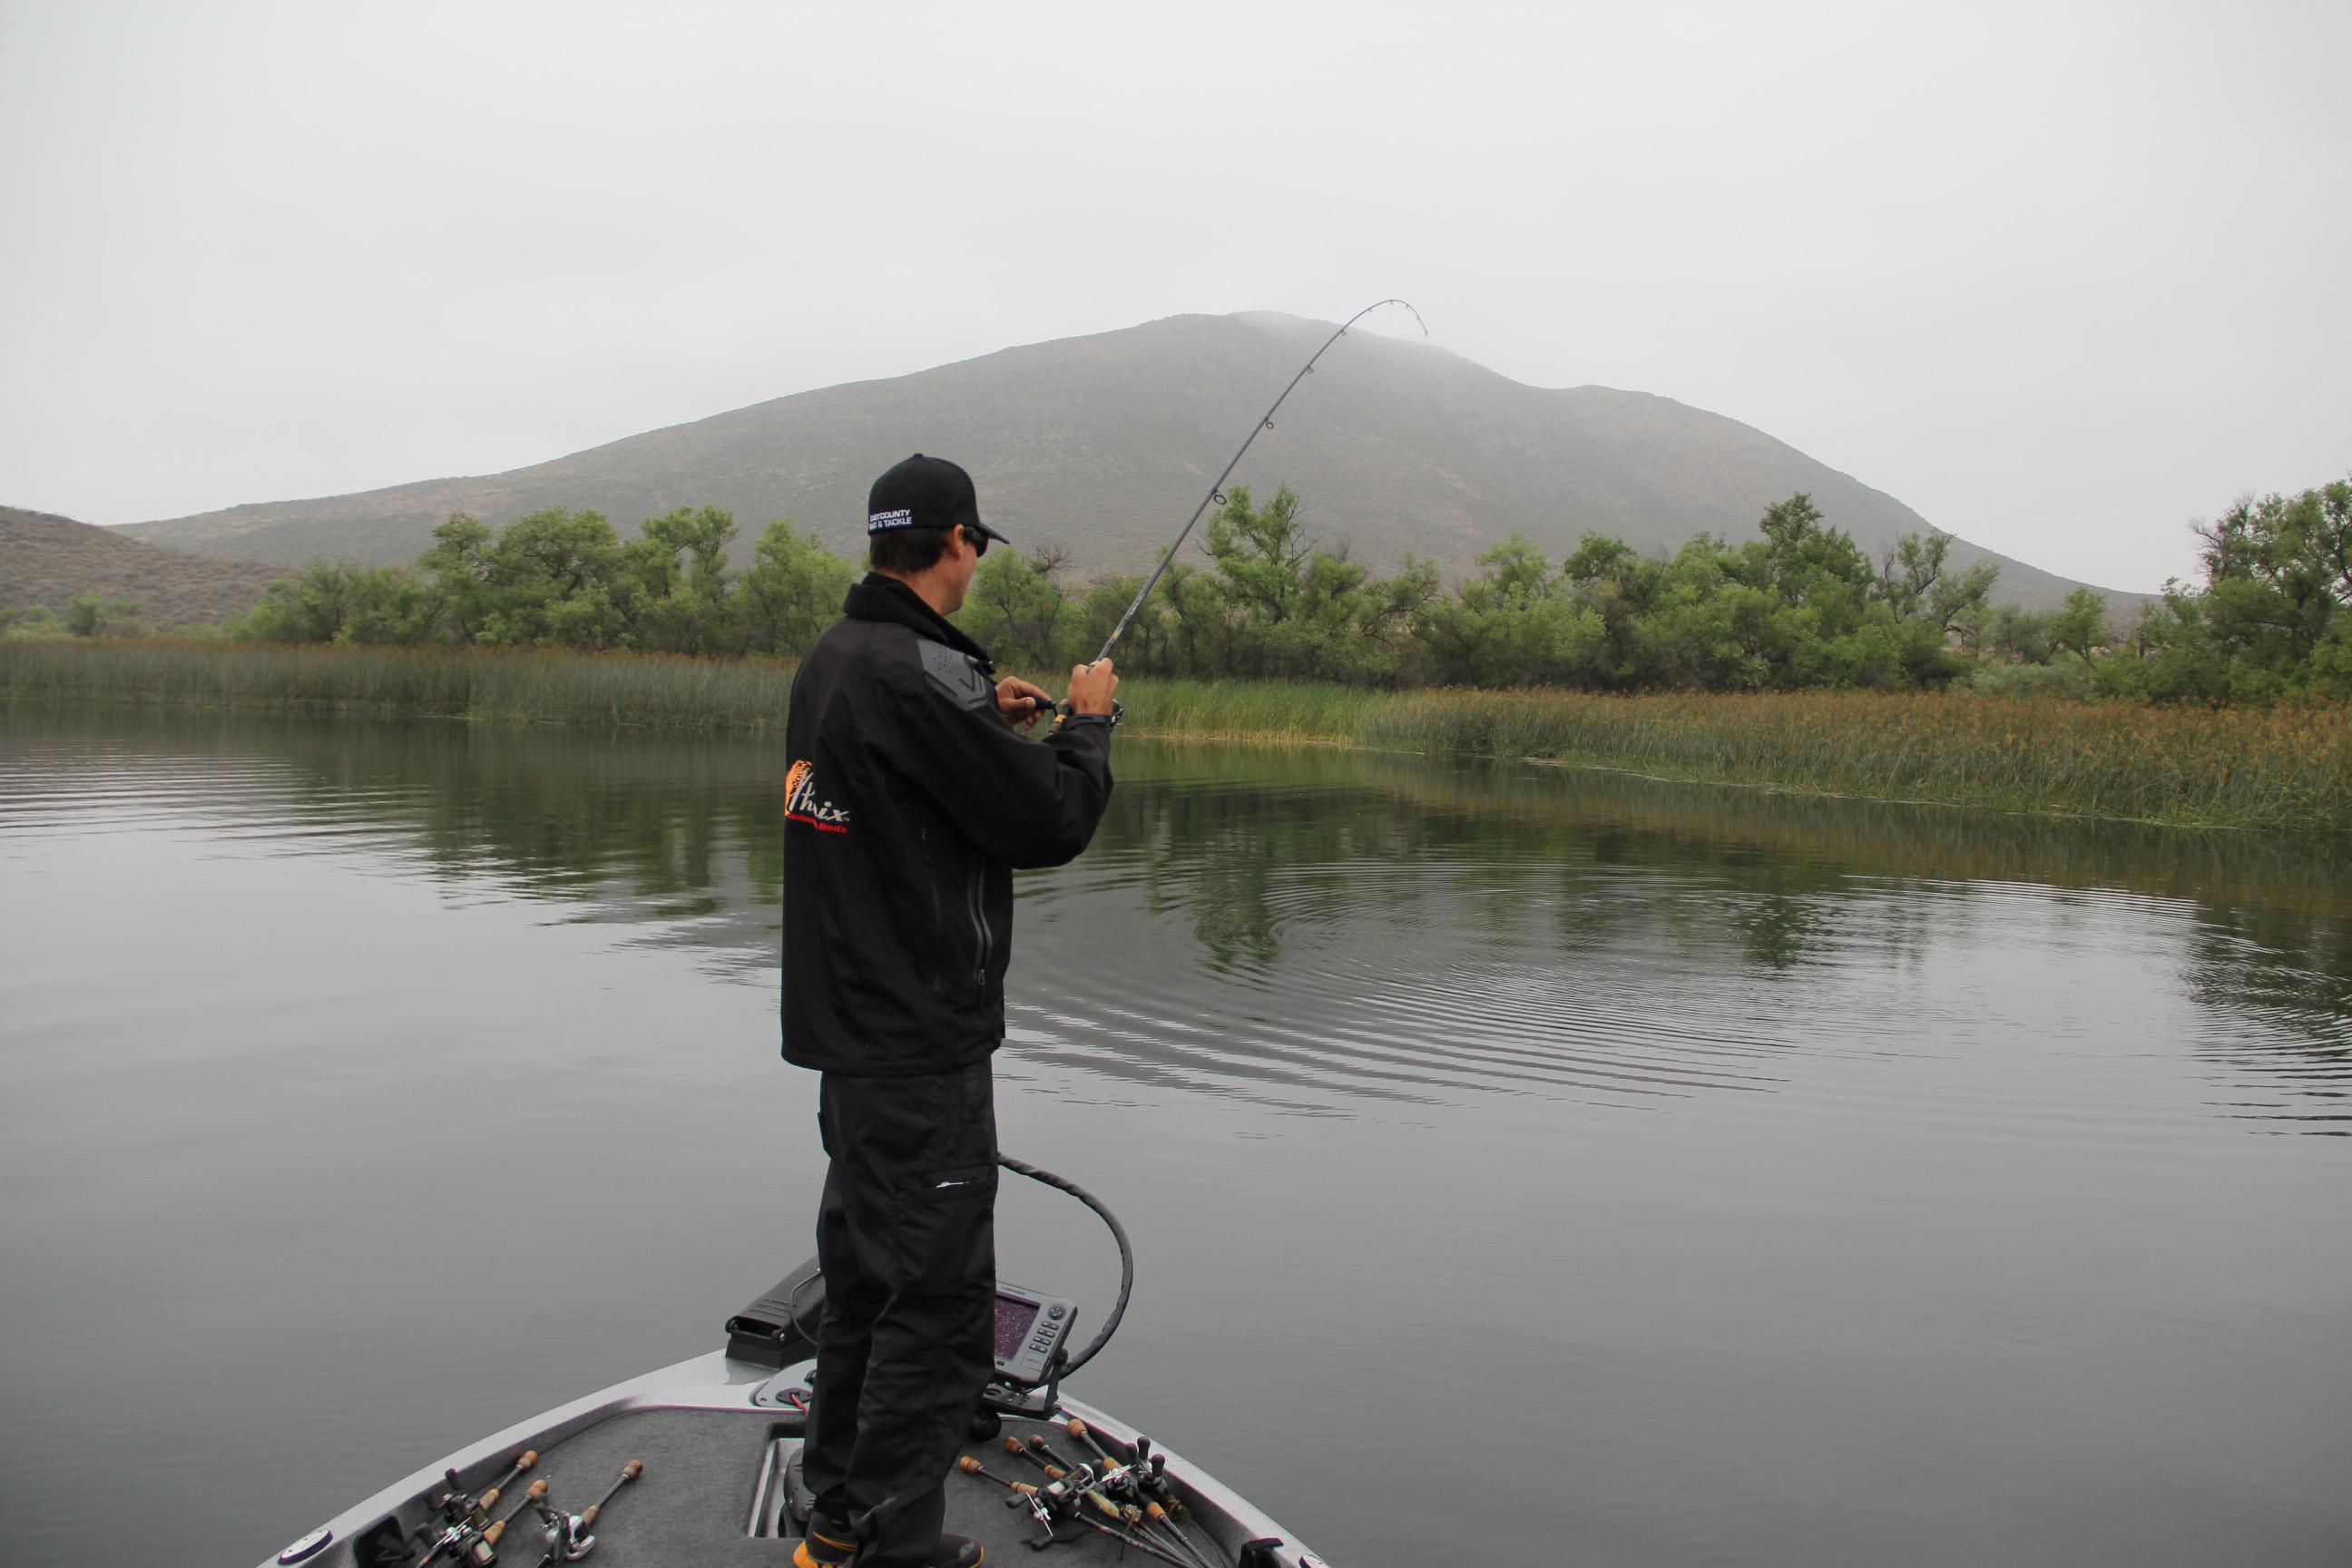 Festival gives lake skinner a rest kramer gone fishing for Lake skinner fishing